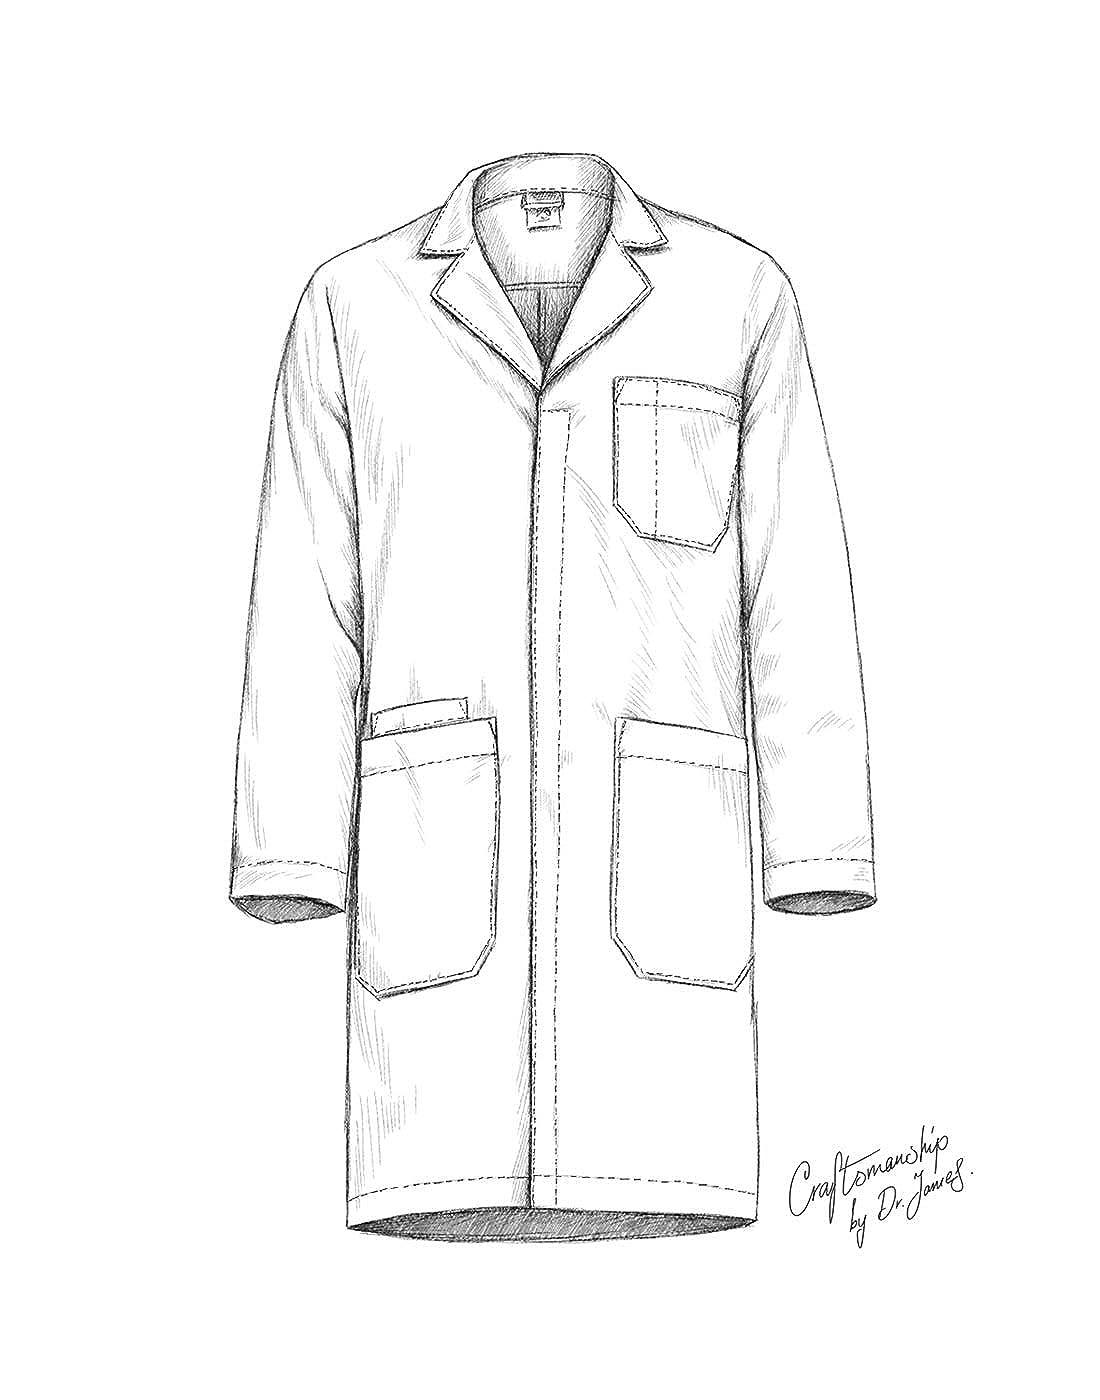 amazon dr james professionally designed unisex lab coat 40 Gloves Hat Coat amazon dr james professionally designed unisex lab coat 40 inch length white clothing